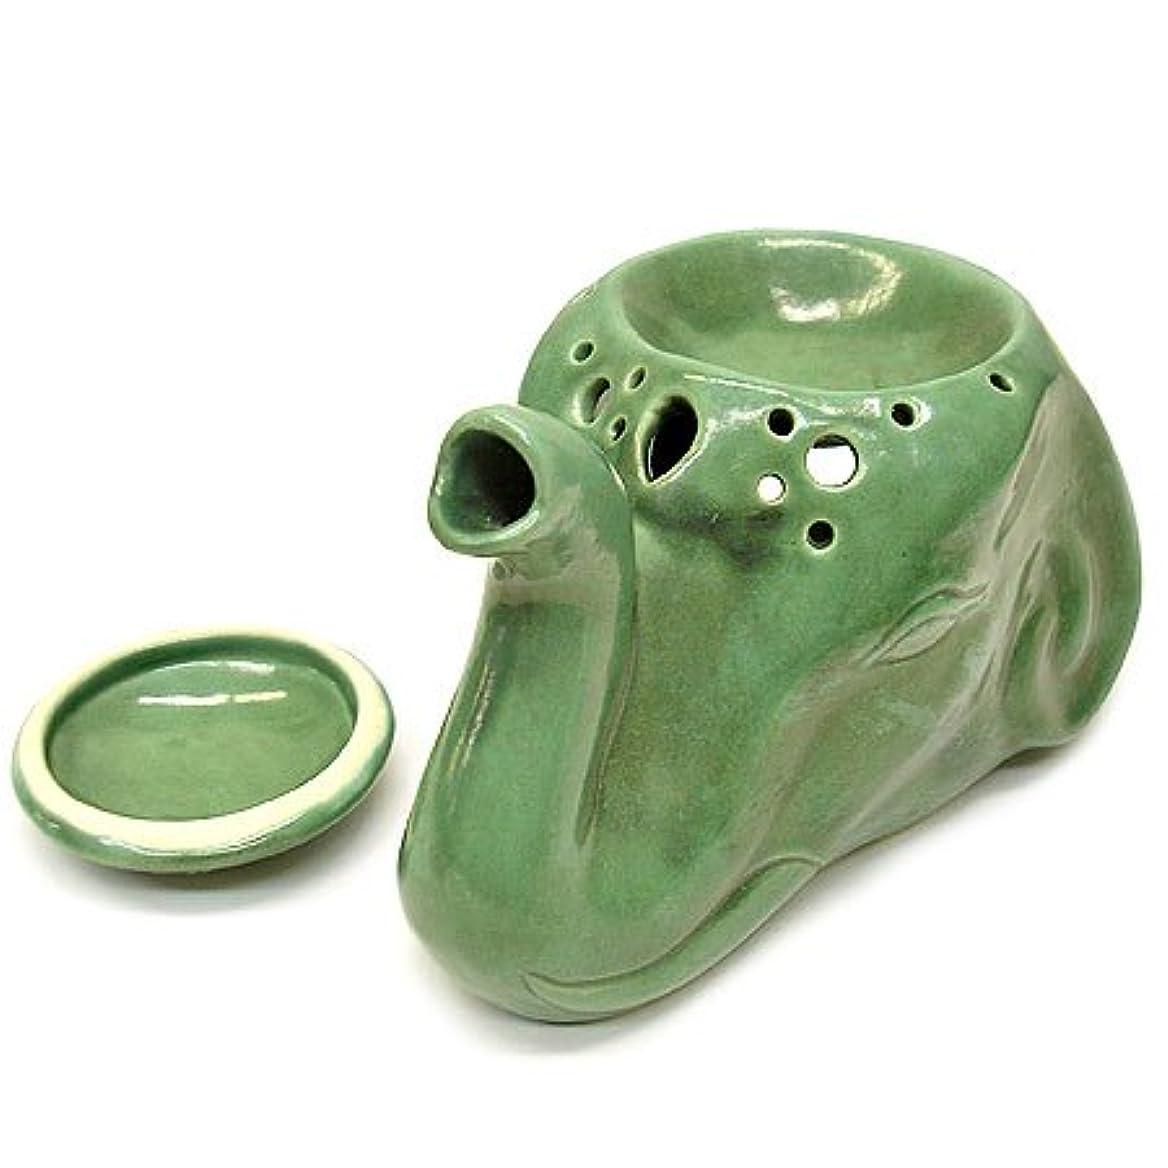 北方今晩公平タバナン 象のアロマオイルバーナーセット 緑アジアン雑貨